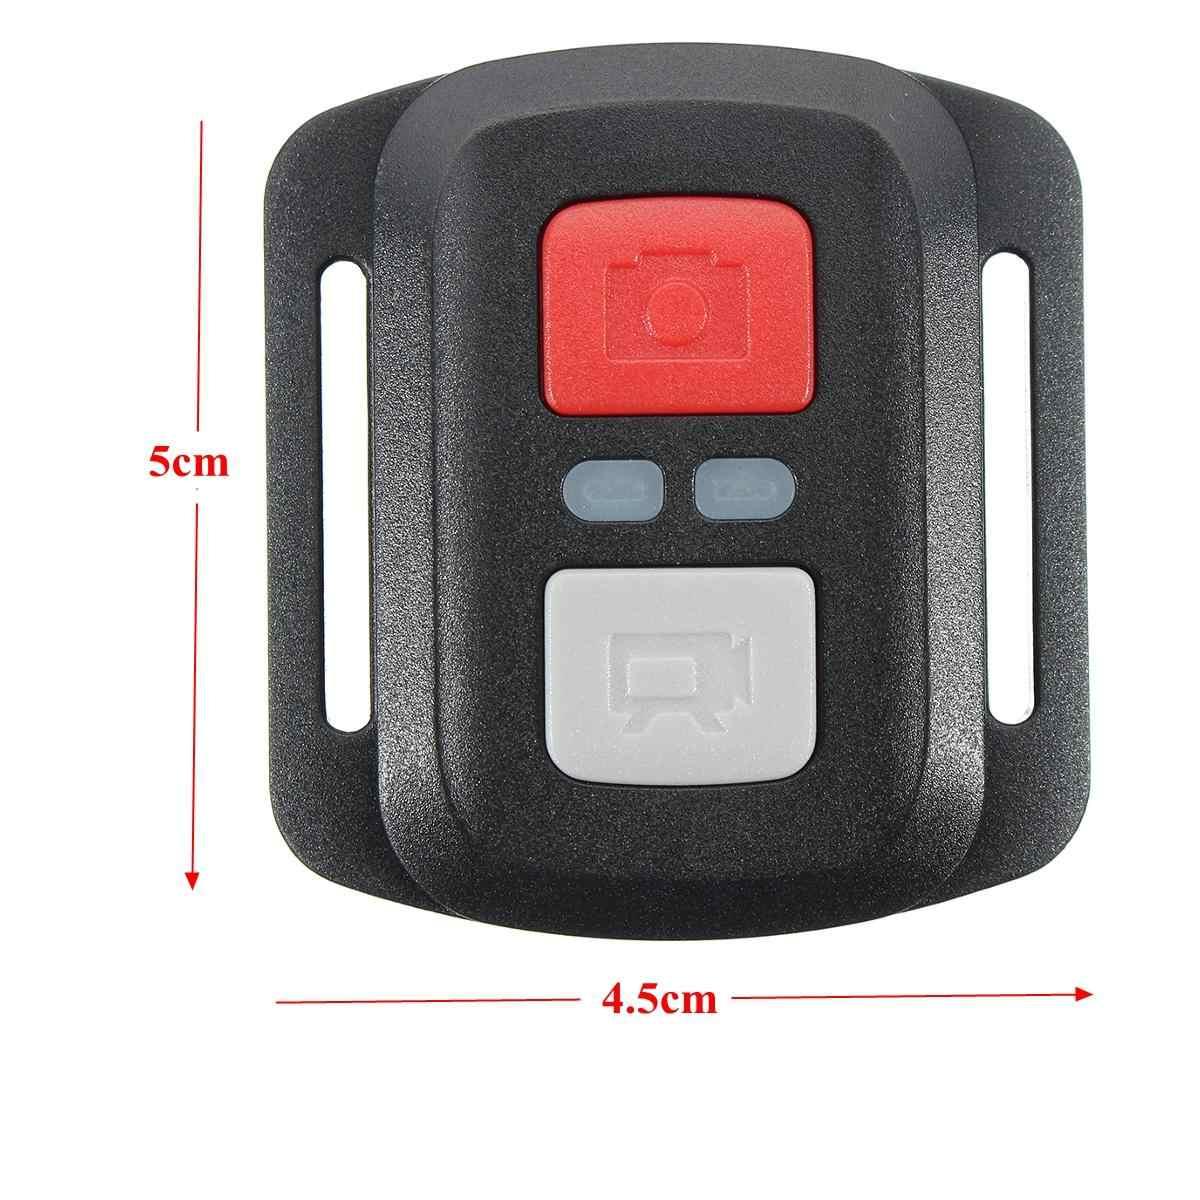 Soporte Negro de plástico de Control remoto 2,4G para EKEN H9/H9R/H3R/H8/H8R accesorios de Cámara de Acción deportiva a prueba de agua